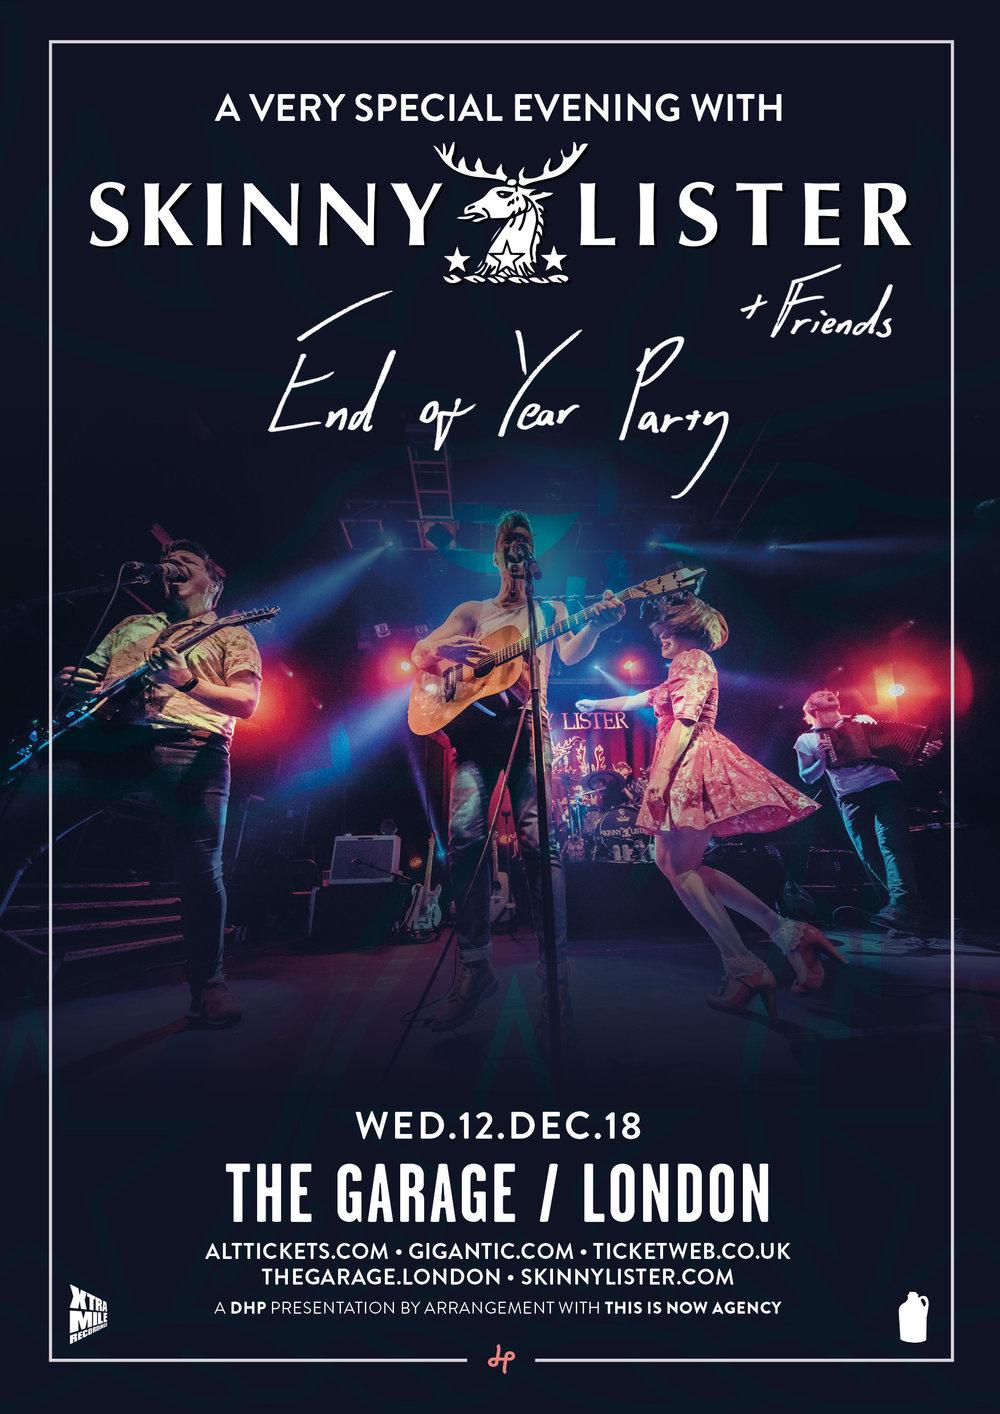 skinny_lister_2018_london_v1.jpg